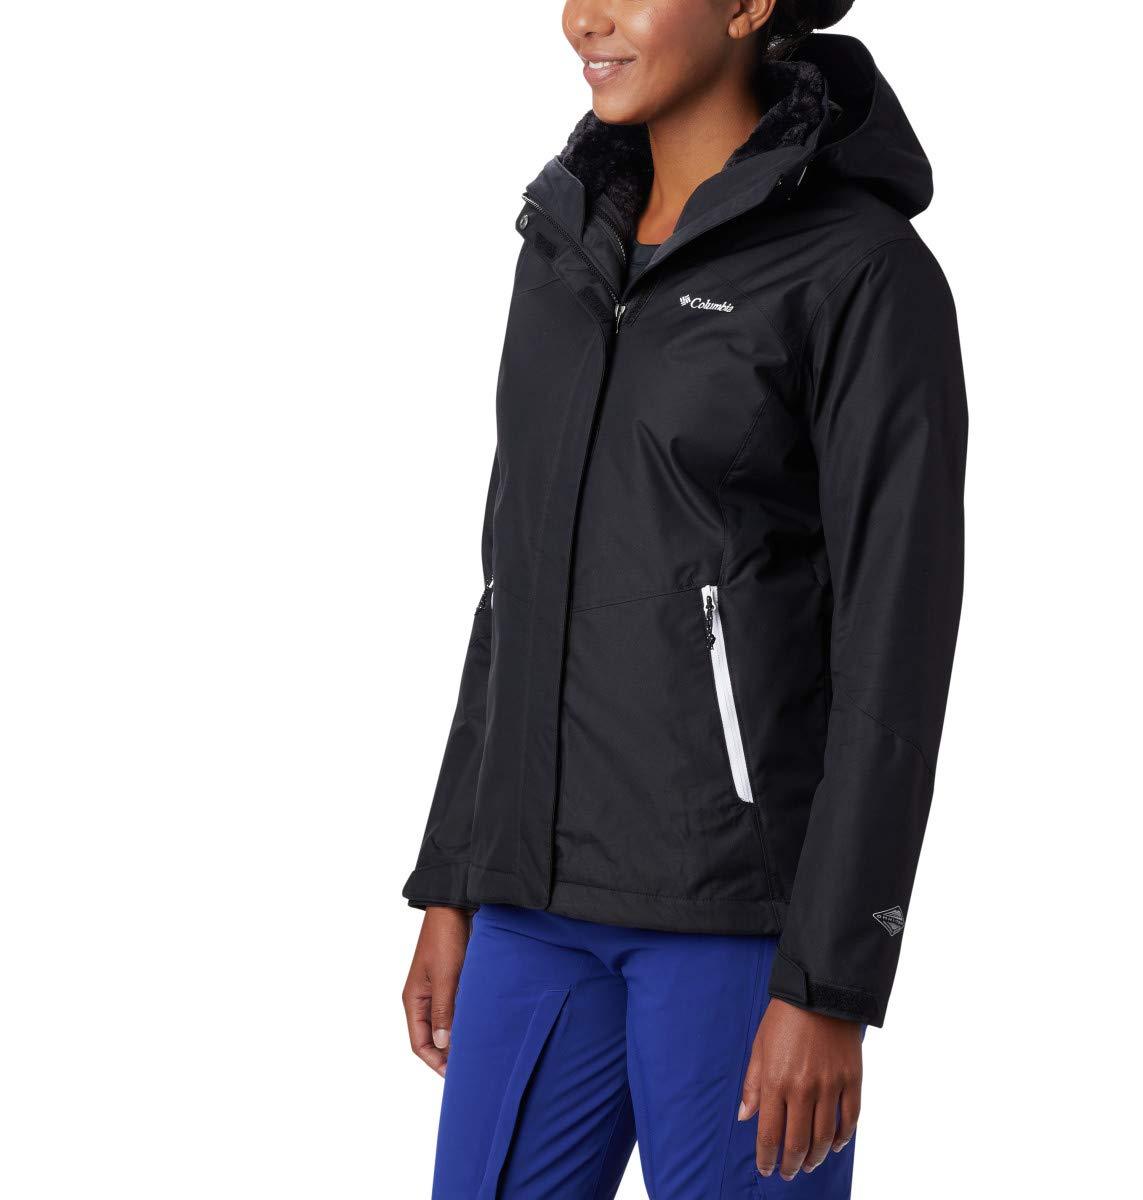 Columbia Women's Bugaboo II Fleece Interchange Jacket, Waterproof and Breathable, Medium, Black by Columbia